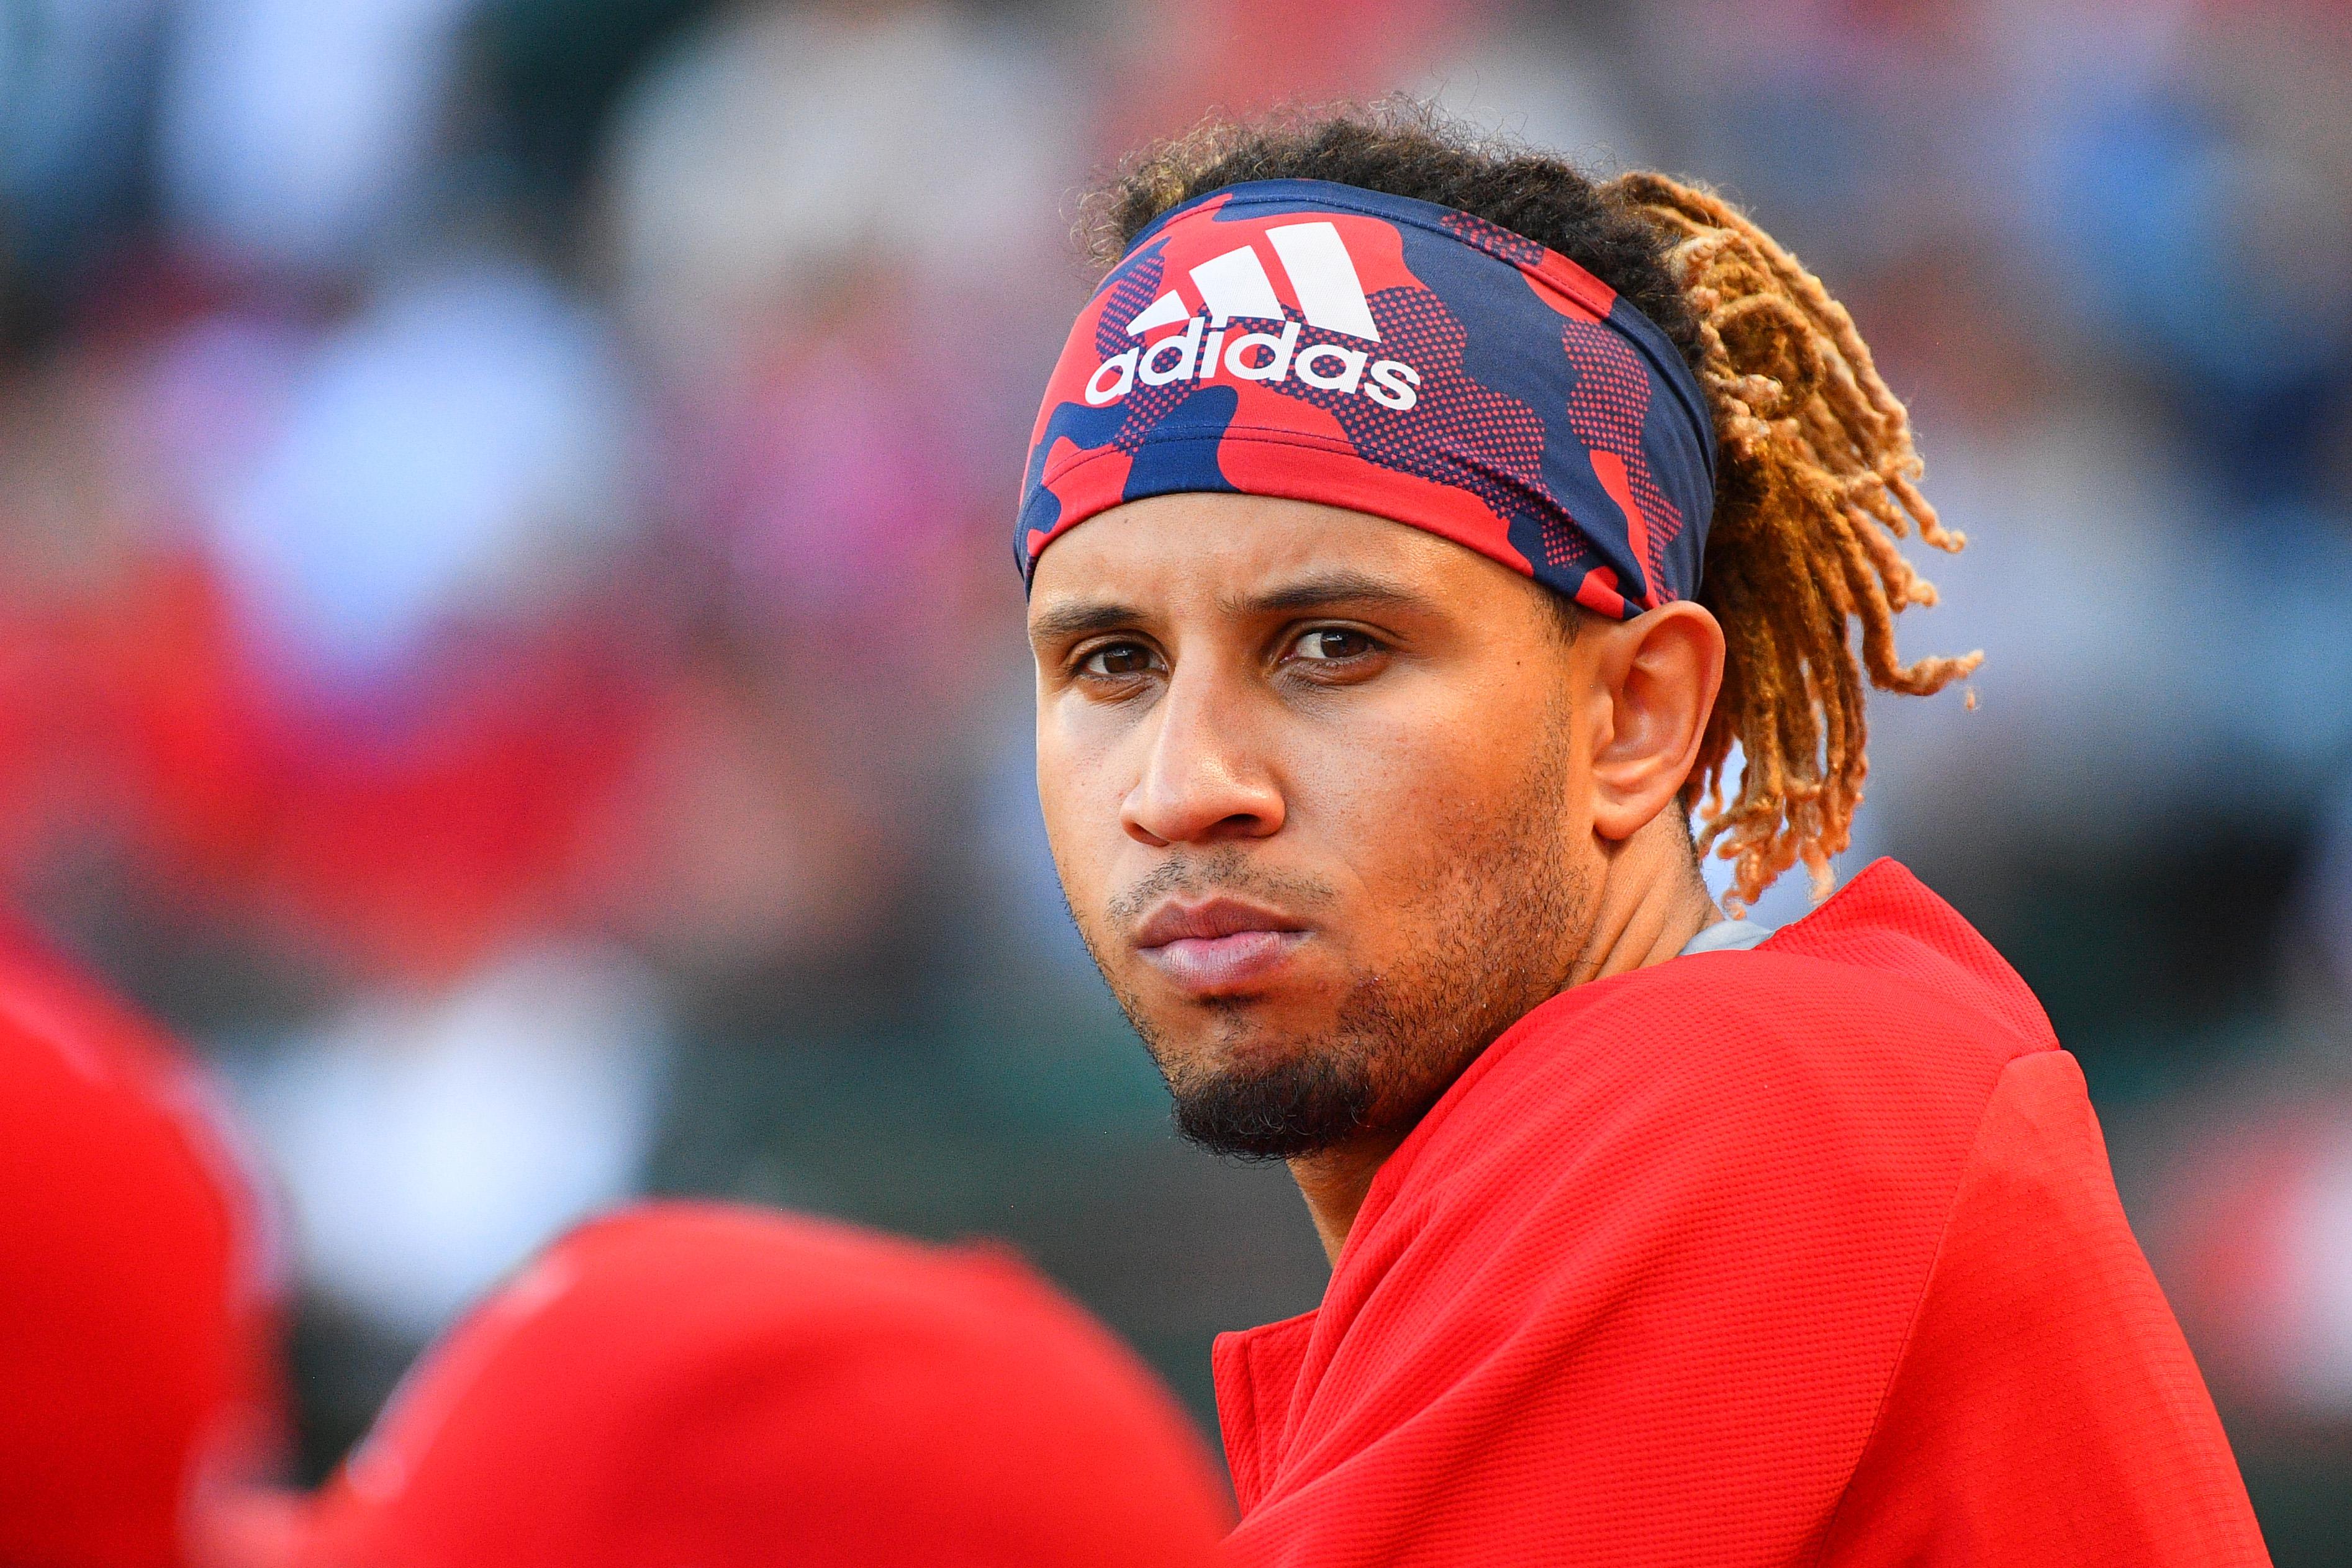 MLB: JUL 18 Astros at Angels